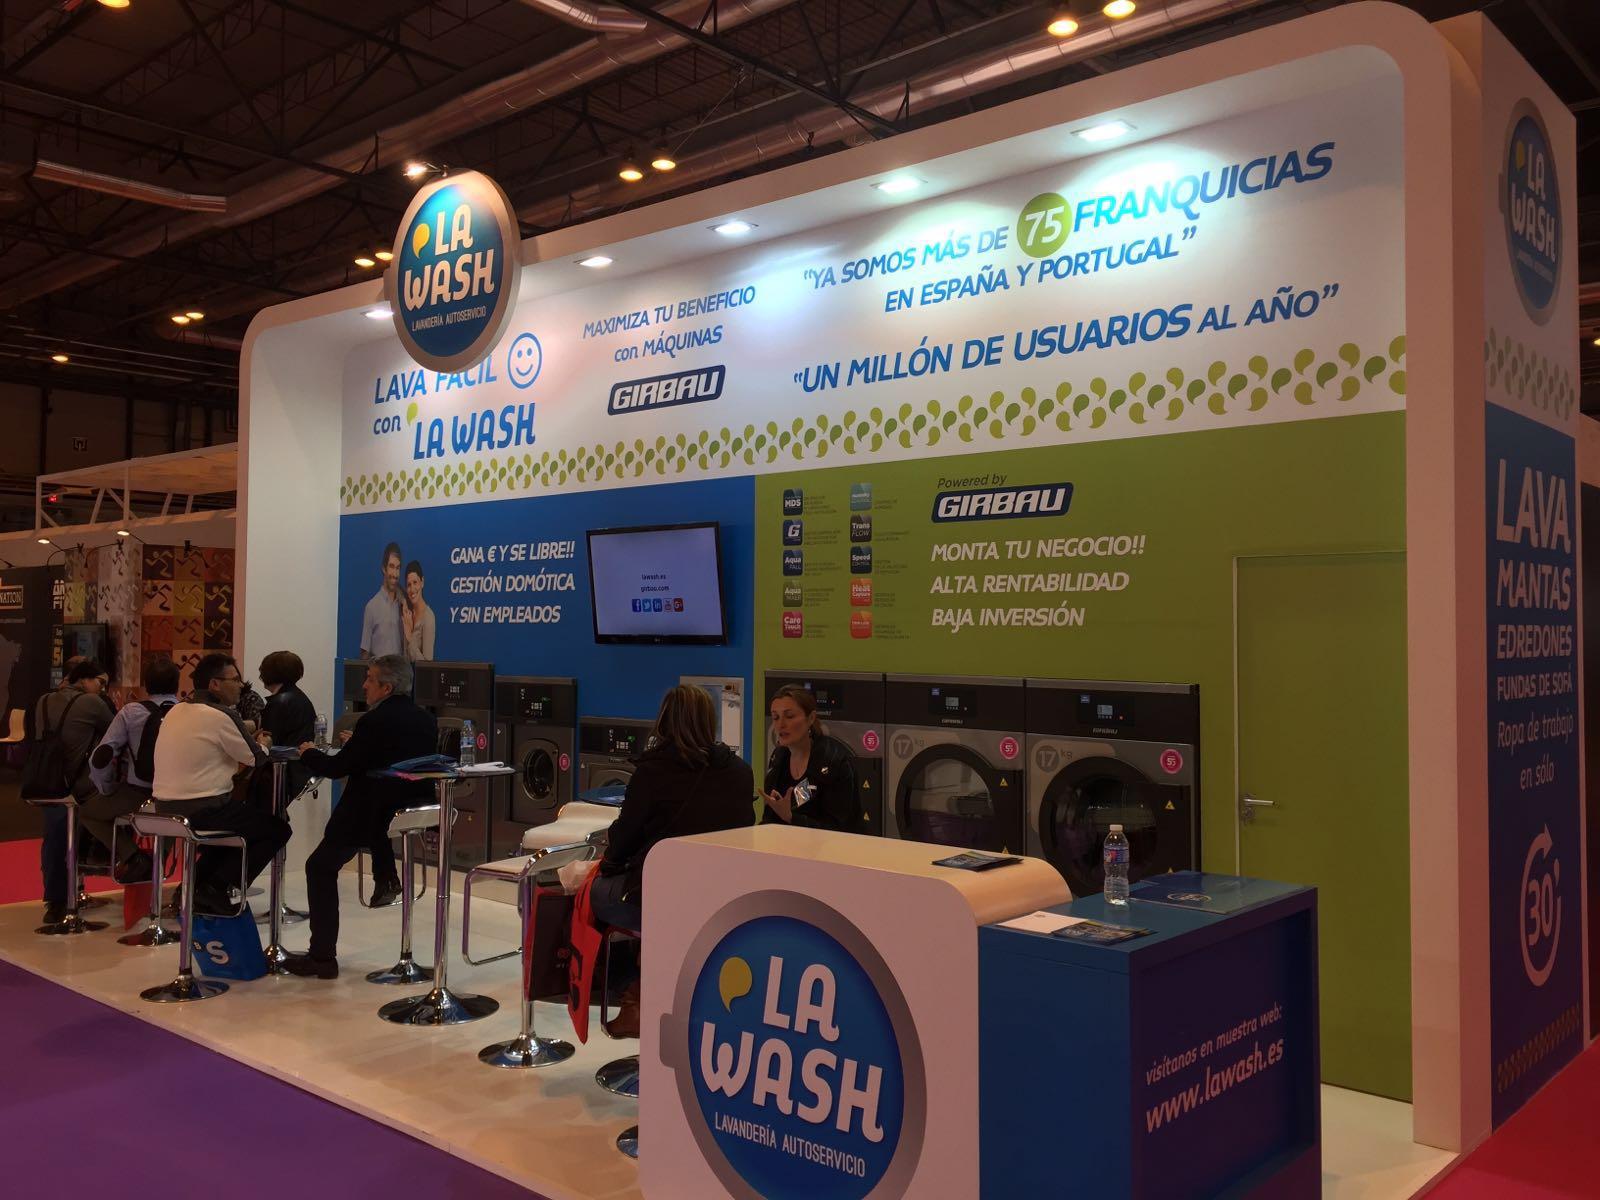 ¿Cómo emprender mi negocio con La Wash? – Franquicia de Lavandería